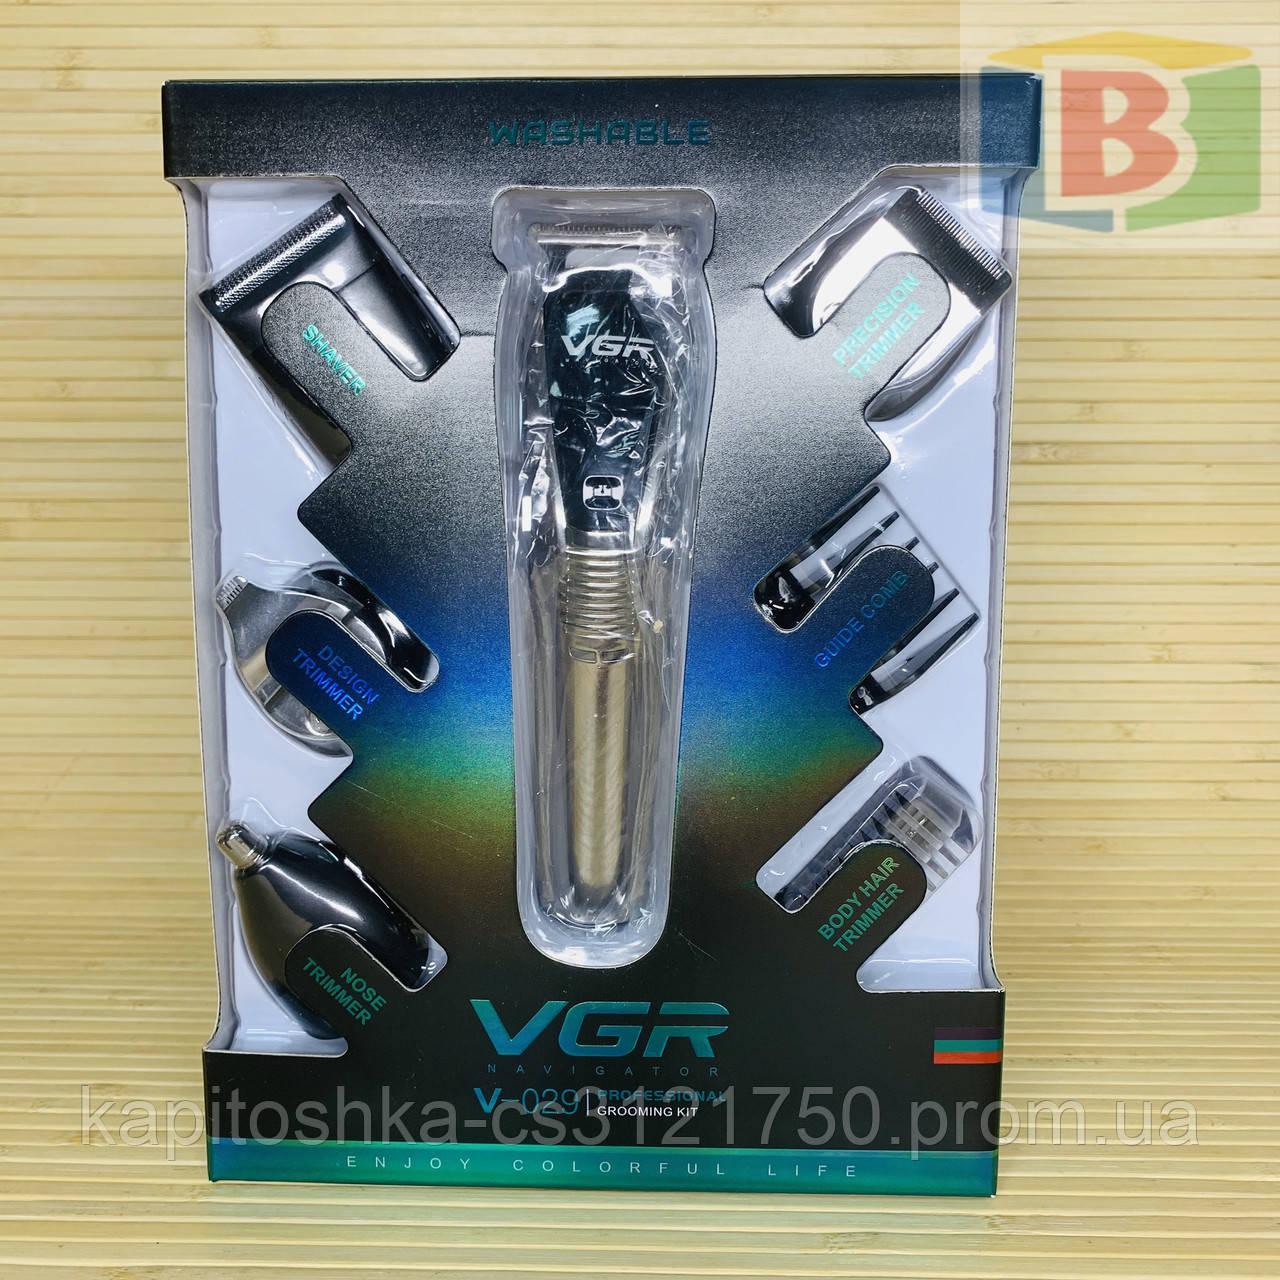 Машинка для стрижки волос и бороды Professional Grooming Kit 6 в 1